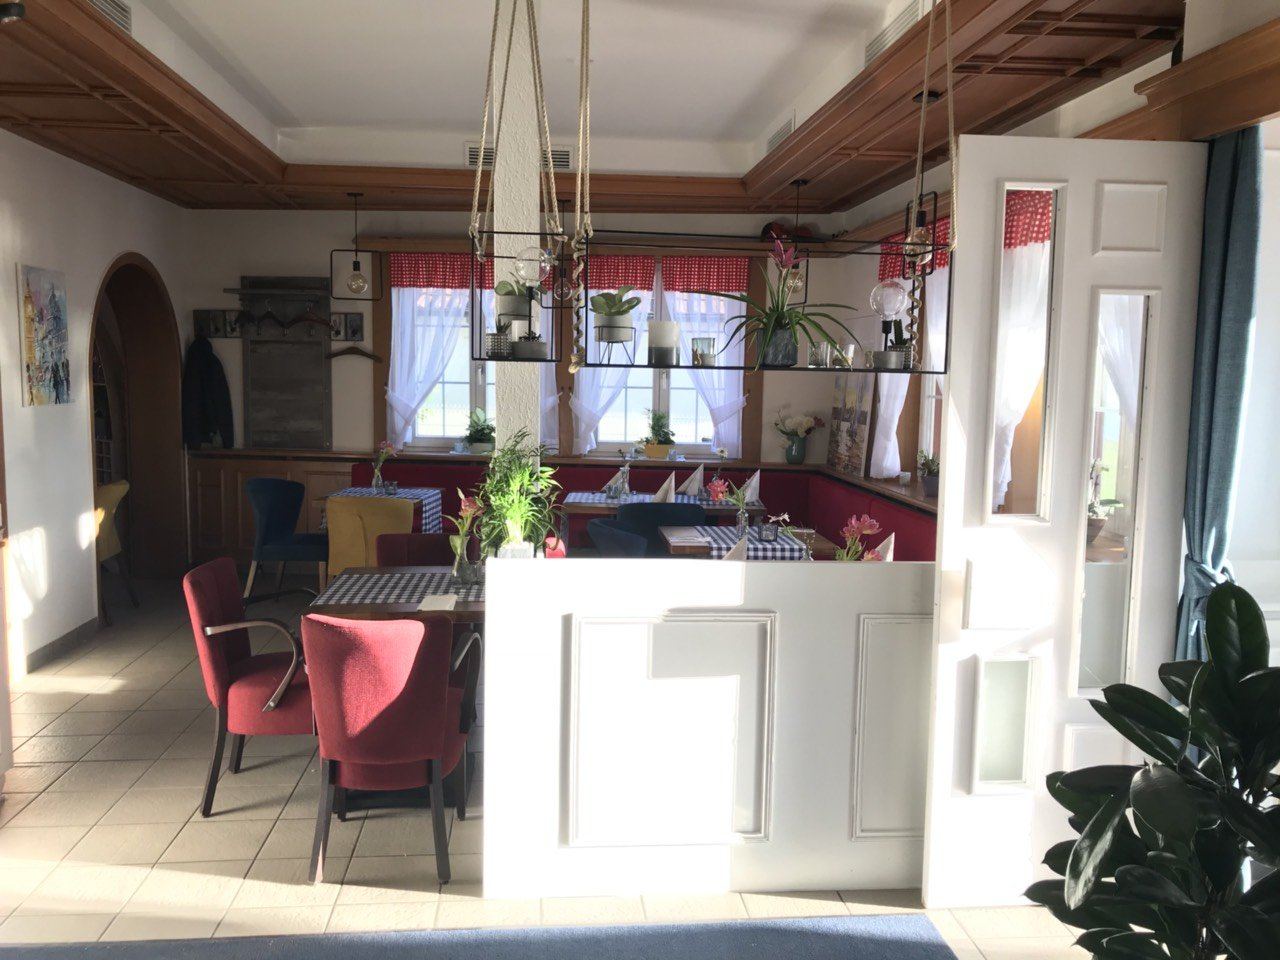 Casa Mia in Allensbach